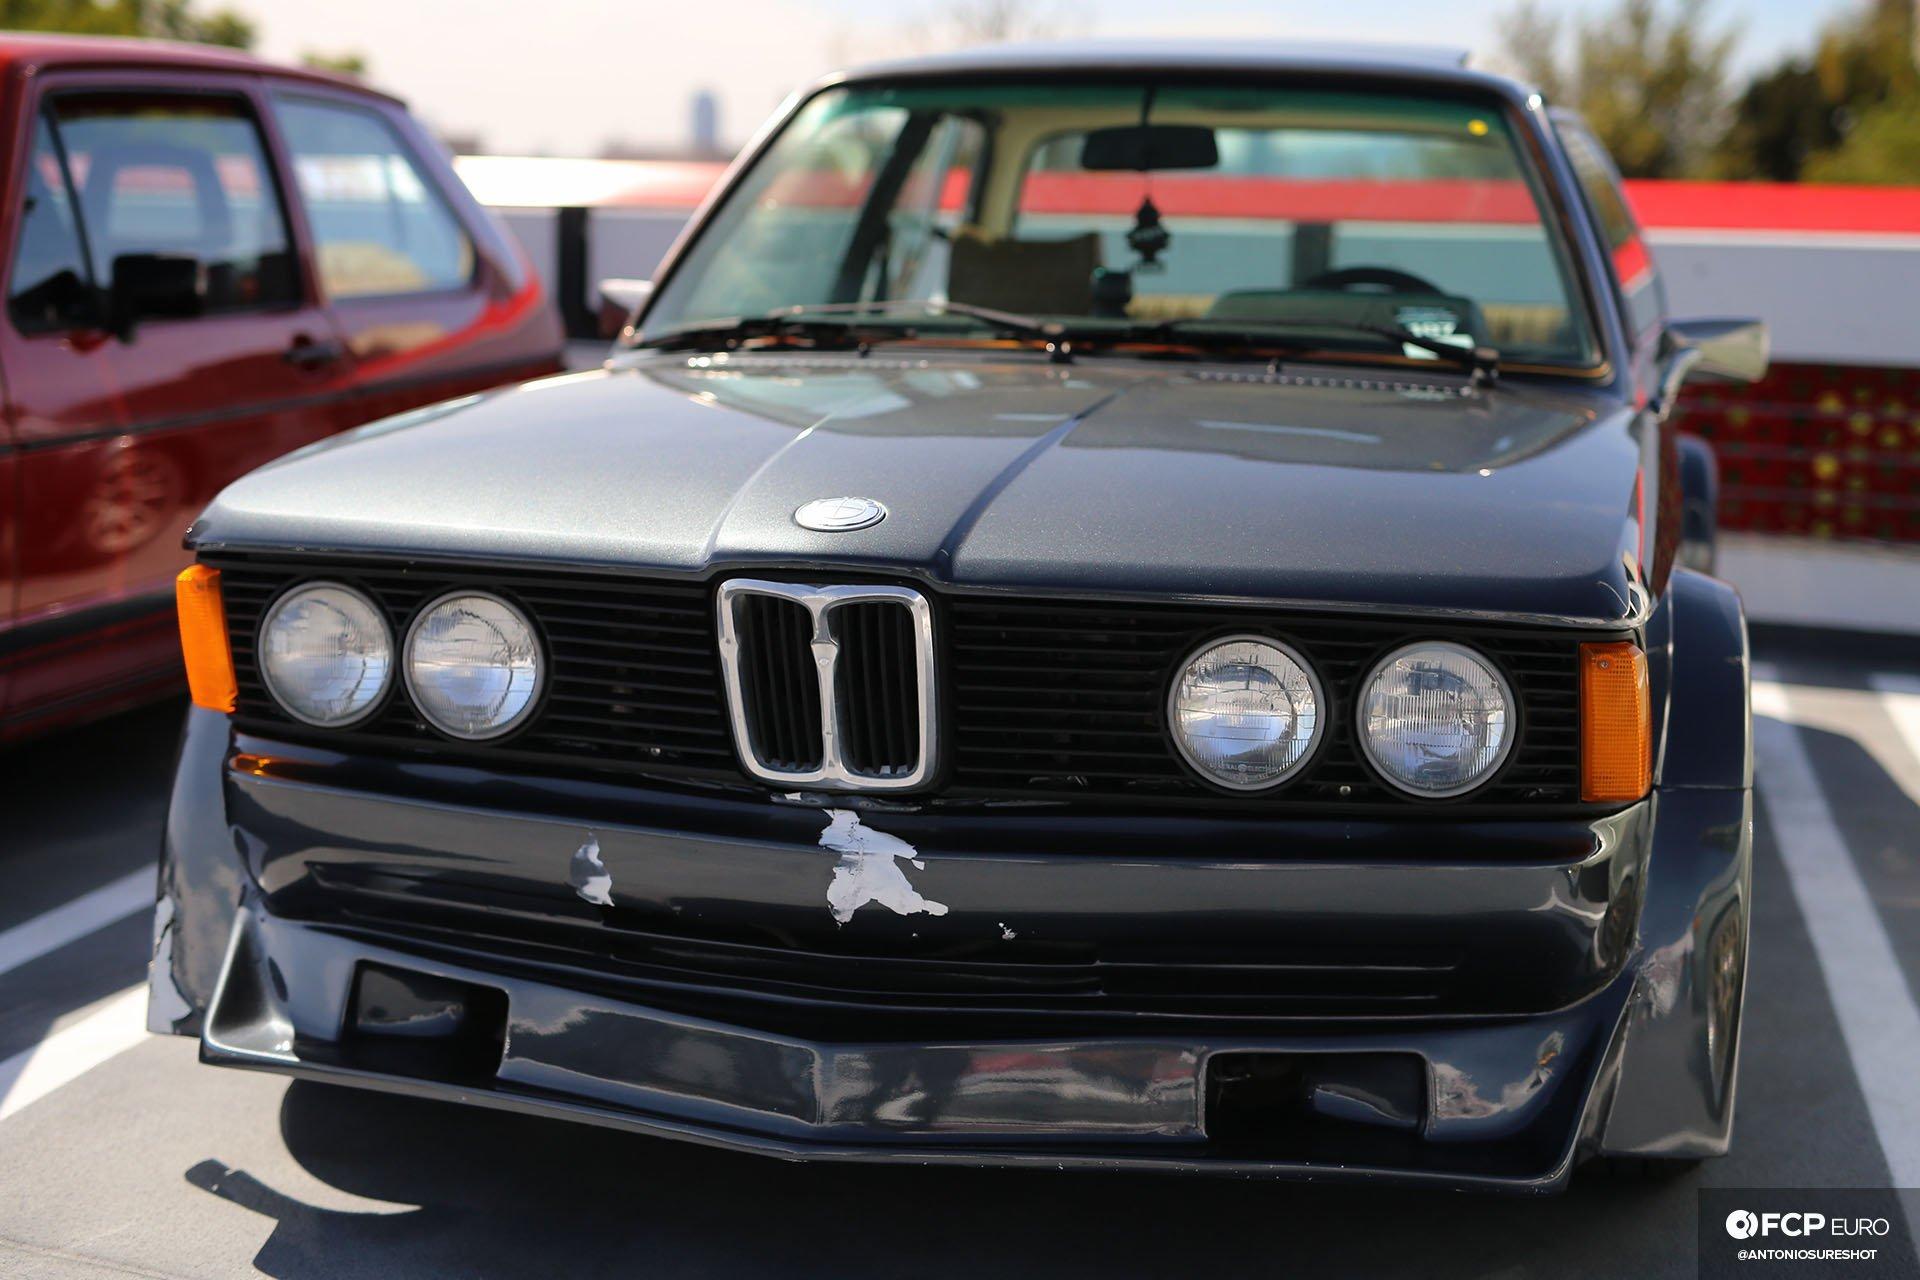 BMW E21 320i w flares